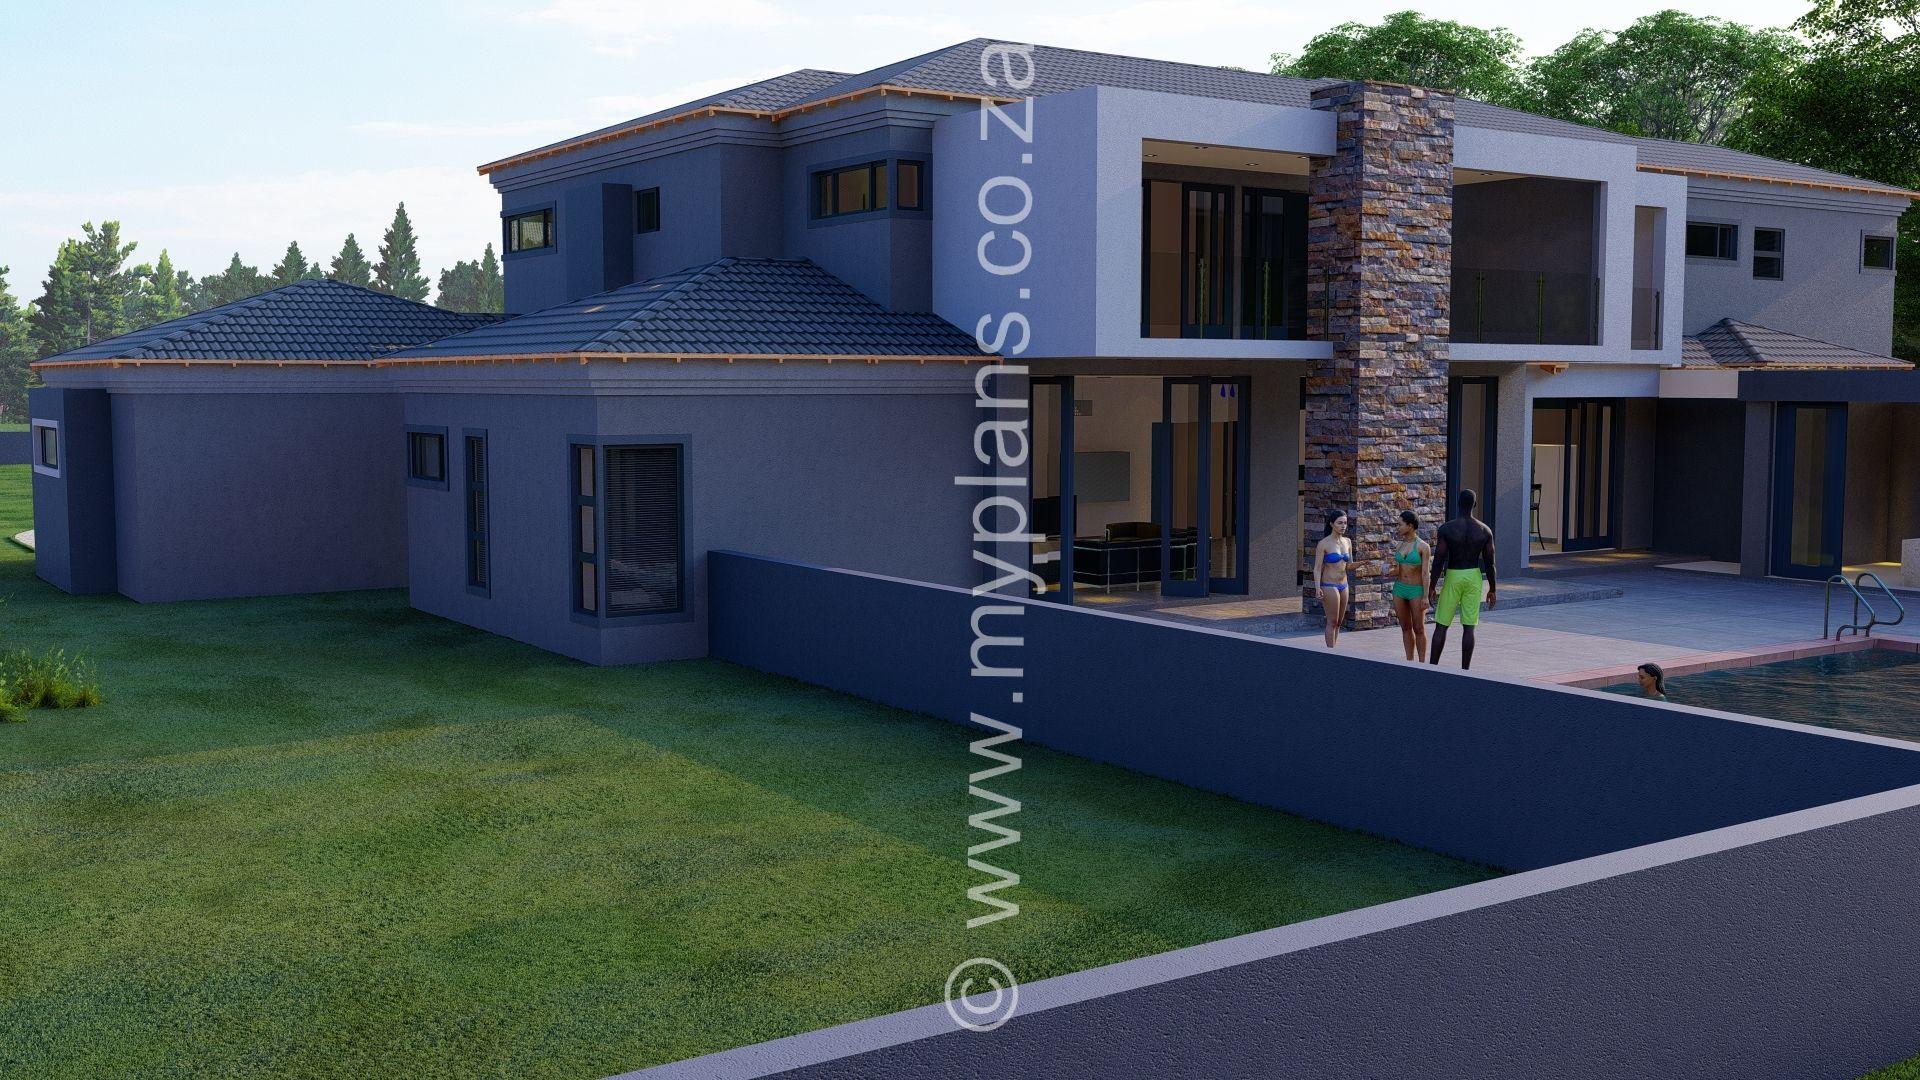 6 Bedroom House Plan Mlb N01 6 Bedroom House Plans Bedroom House Plans House Plans